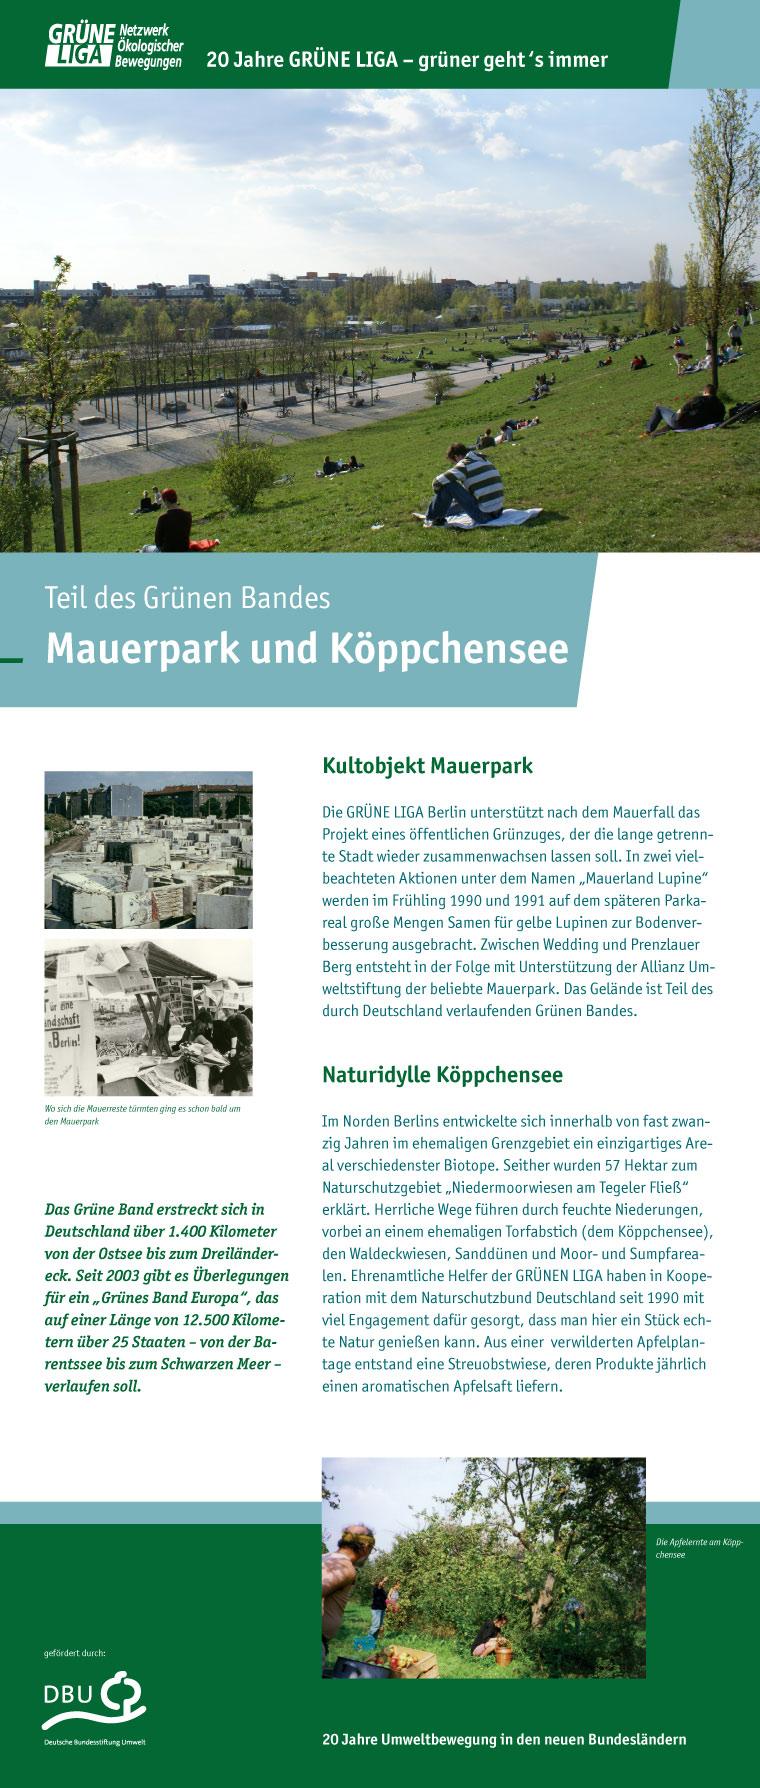 Teil des Grünen Bandes - Mauerpark und Koeppchensee